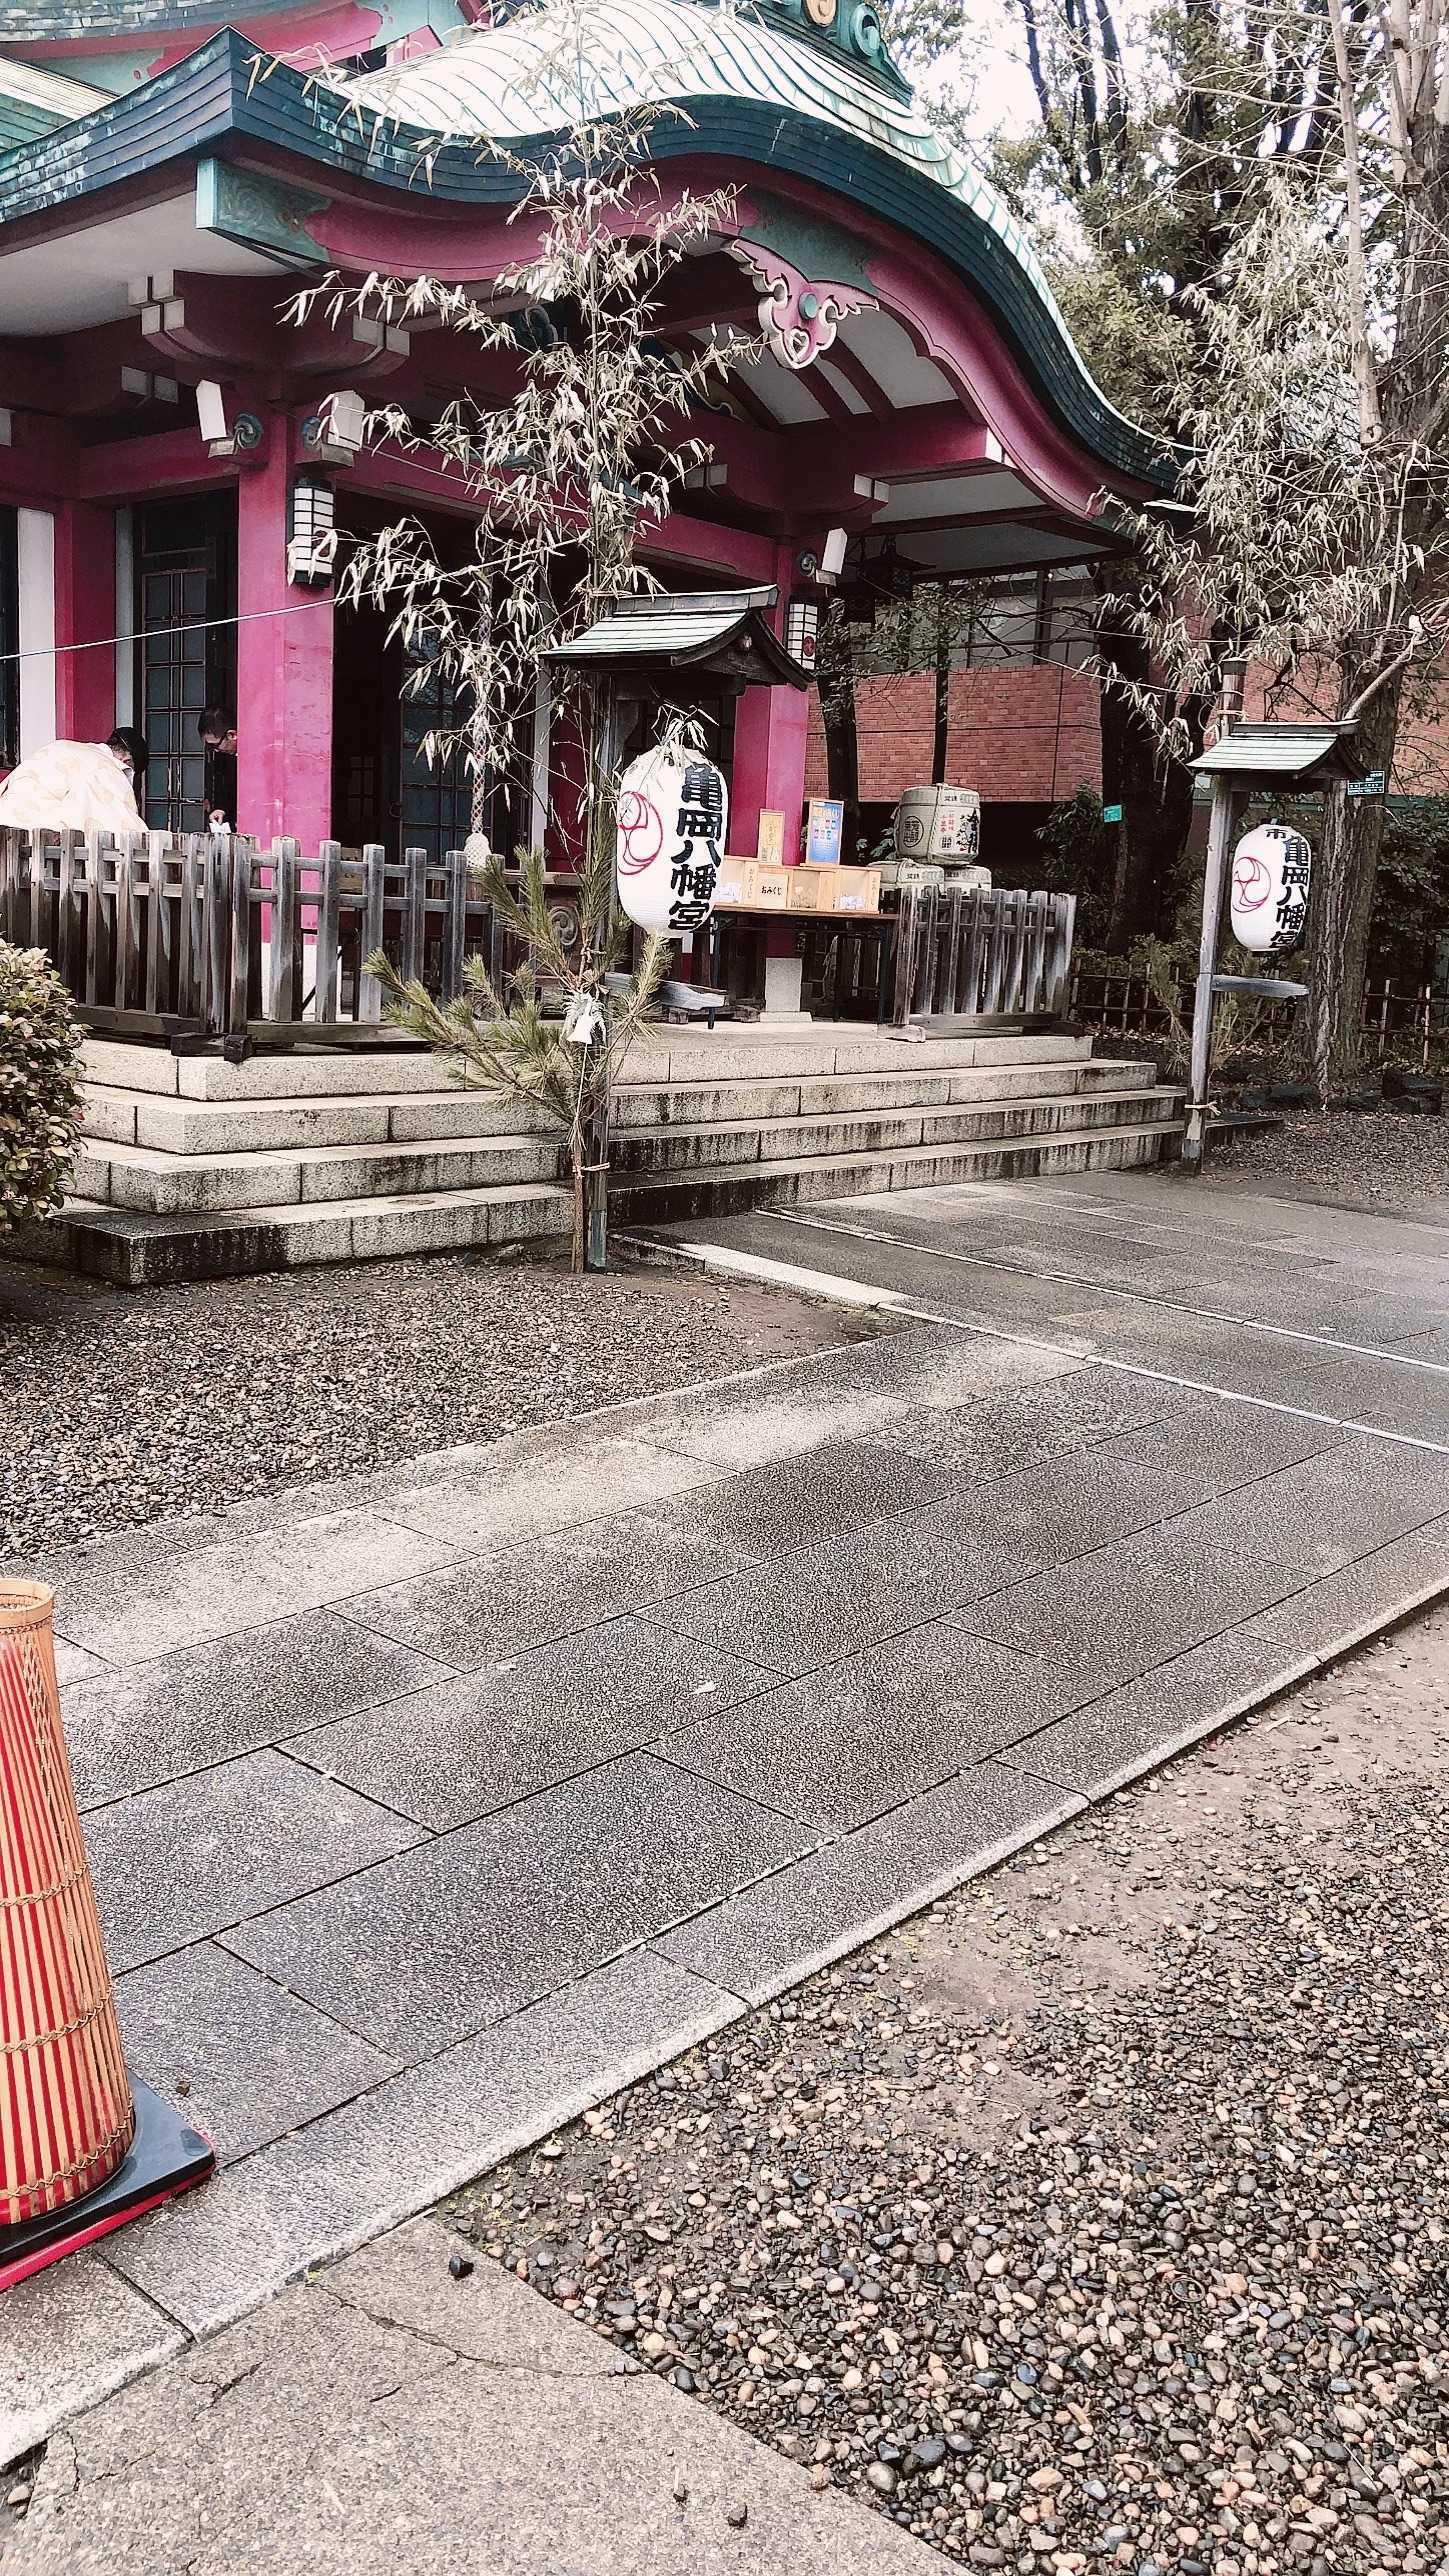 f:id:asaasakorokoro:20200108172018j:image